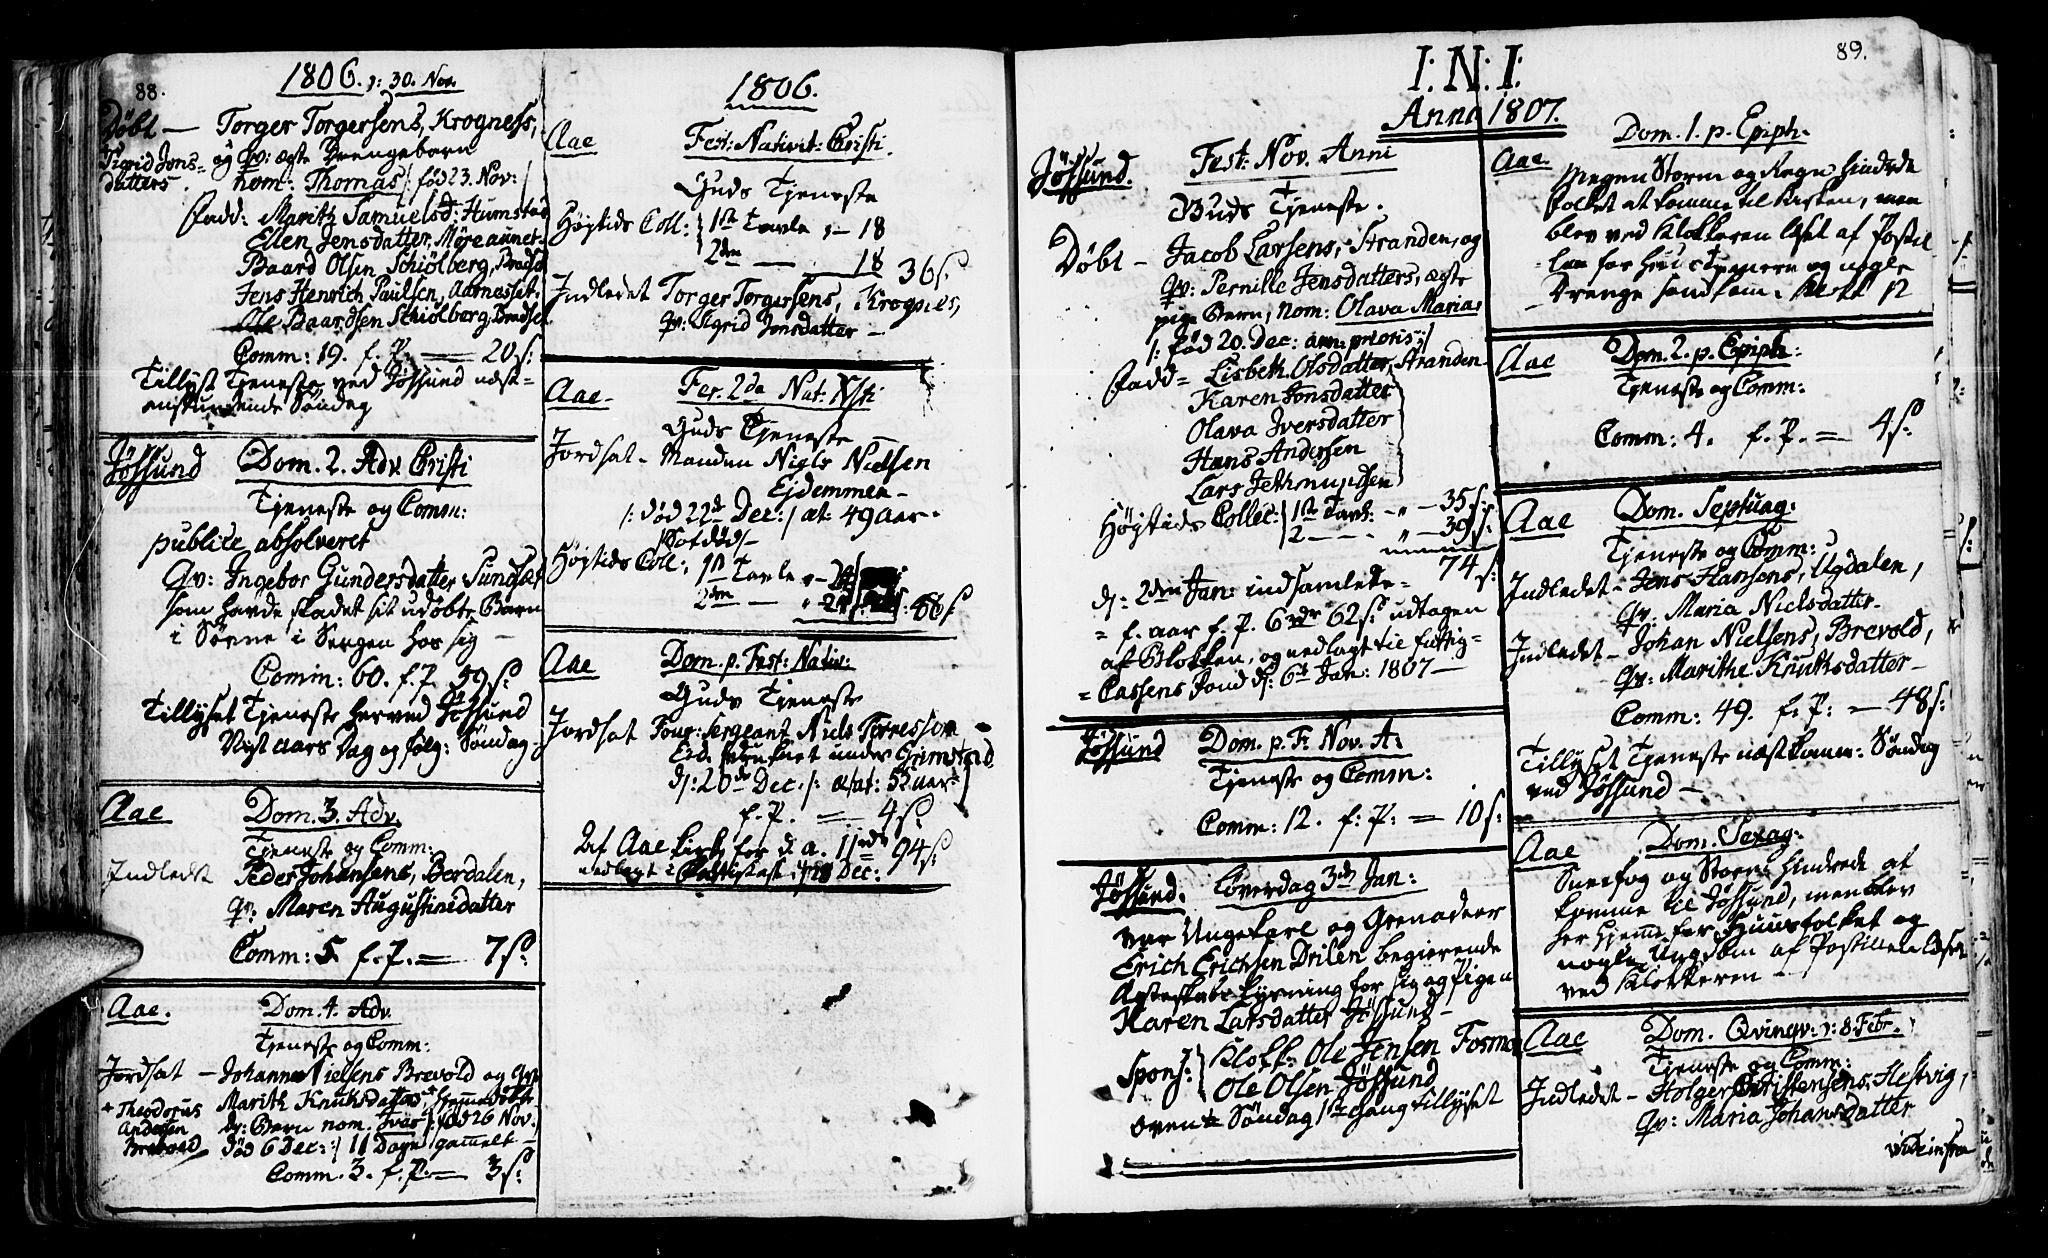 SAT, Ministerialprotokoller, klokkerbøker og fødselsregistre - Sør-Trøndelag, 655/L0674: Ministerialbok nr. 655A03, 1802-1826, s. 88-89